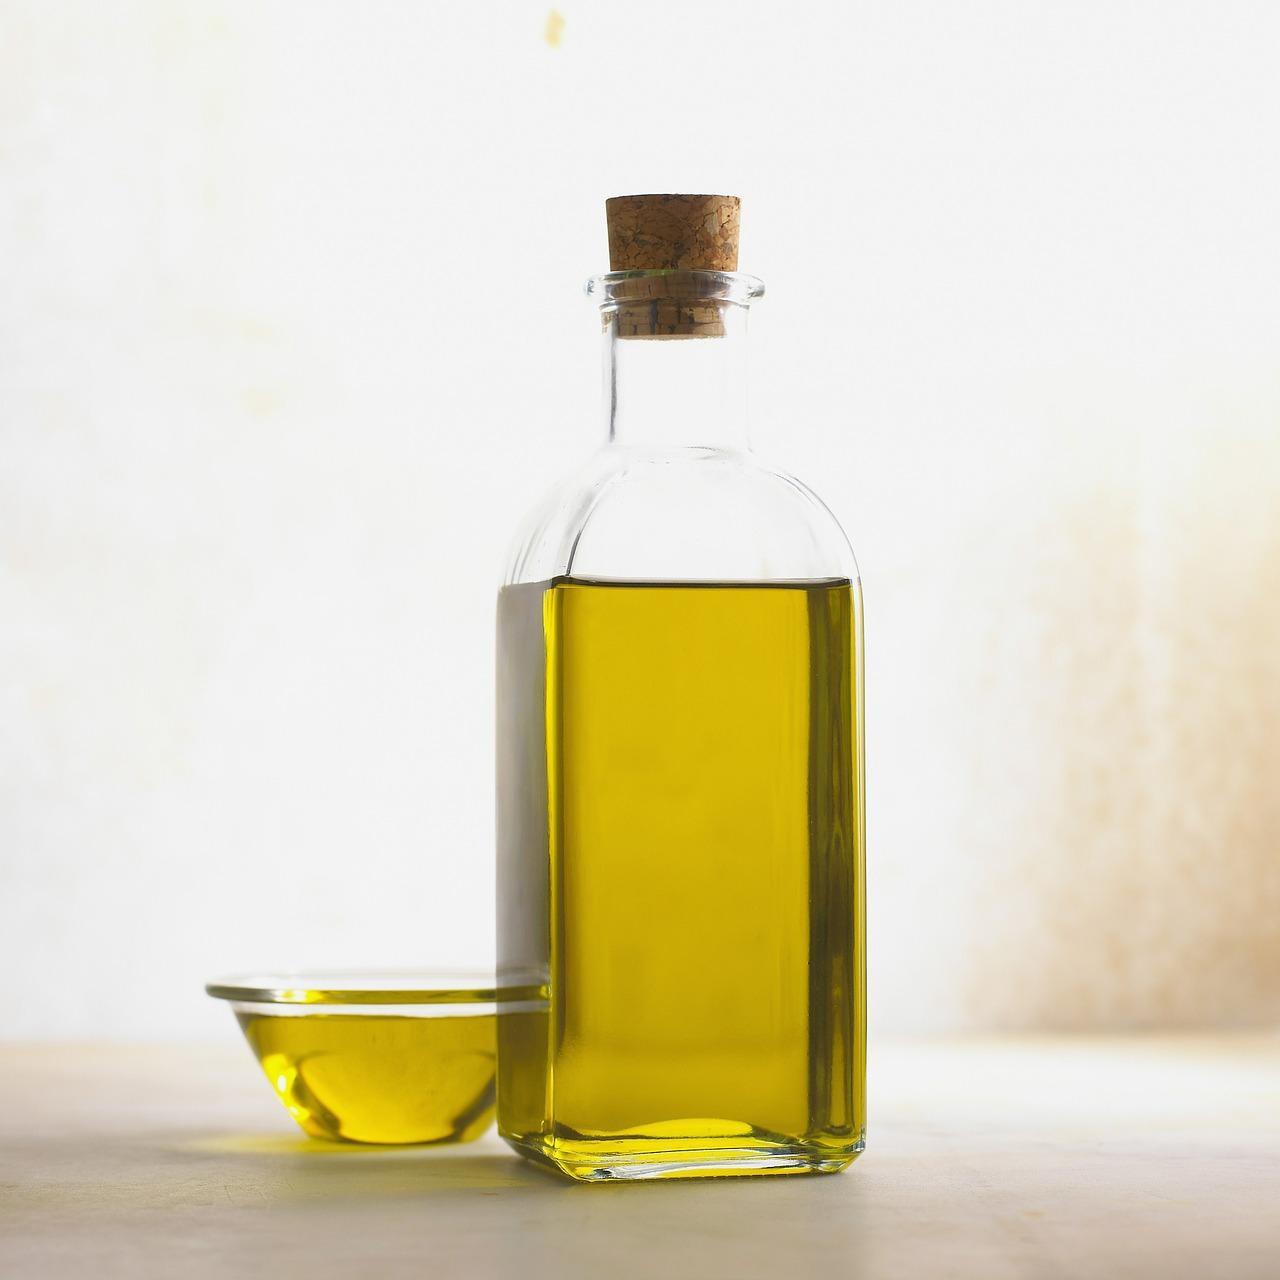 L'huile d'olive est la meilleure huile au niveau des acides gras (omégas), vrai ou faux?